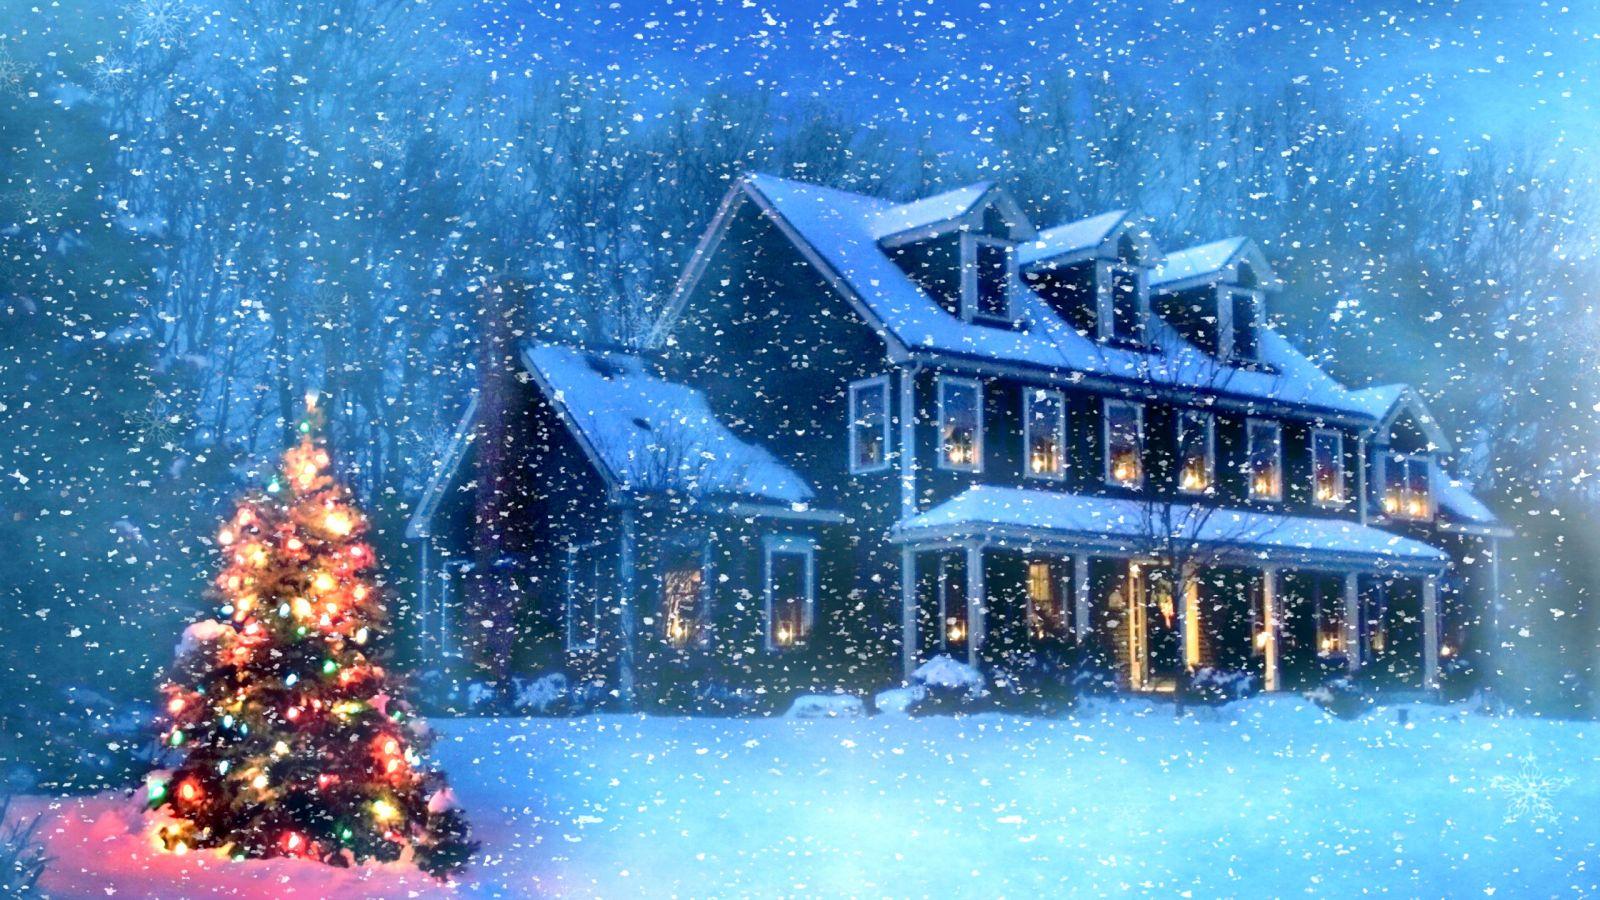 Hình ảnh tuyết rơi đêm giáng sinh